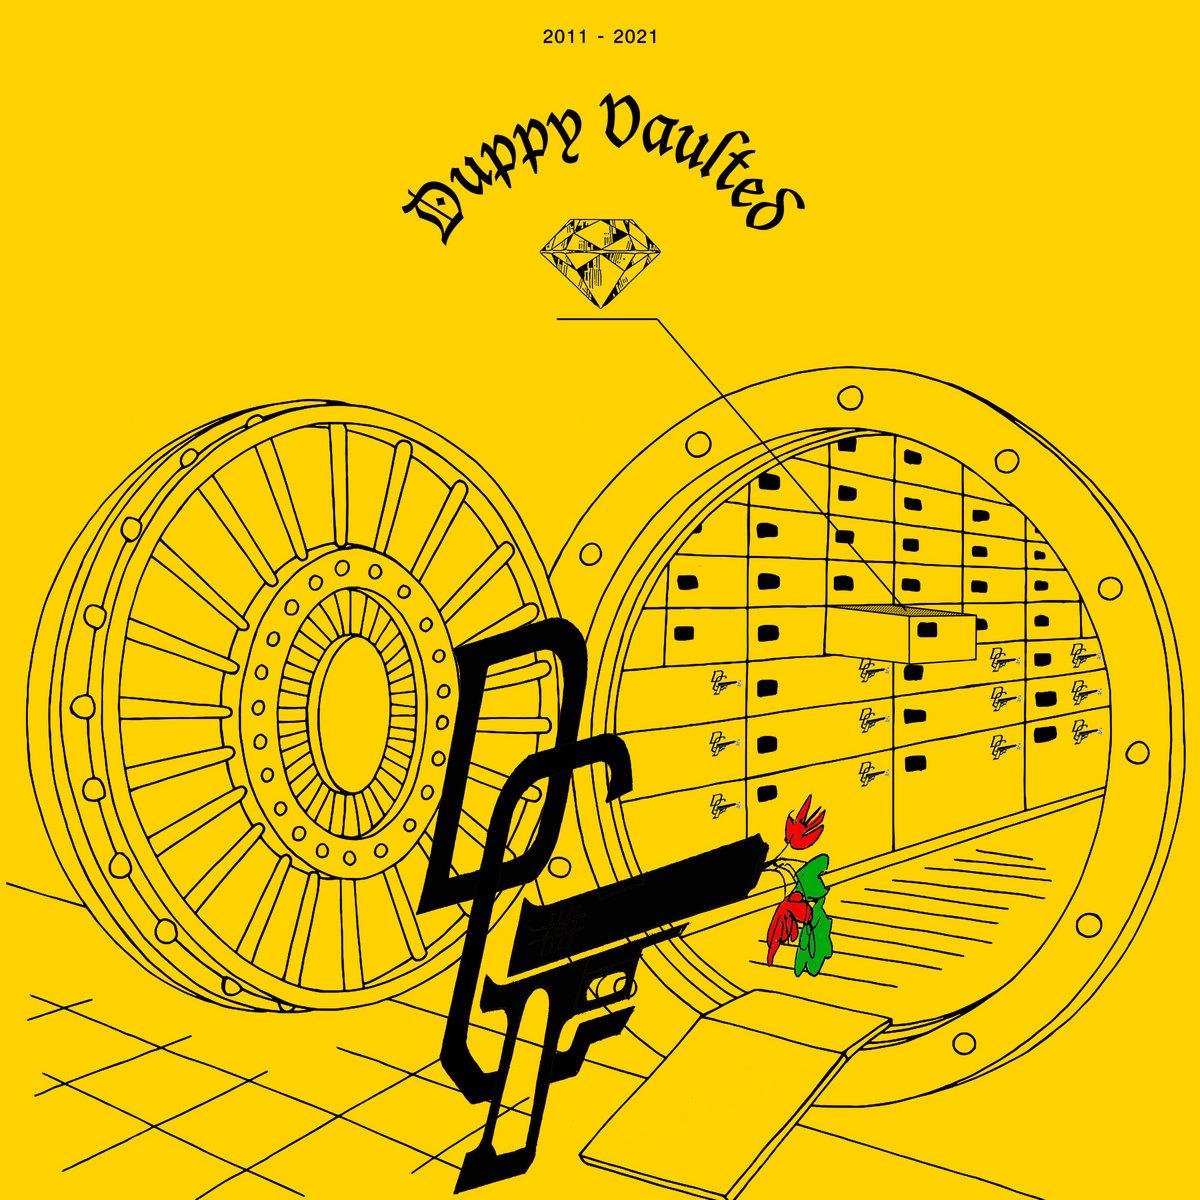 DUPPY GUN : Duppy Vaulted (2011 - 2021)